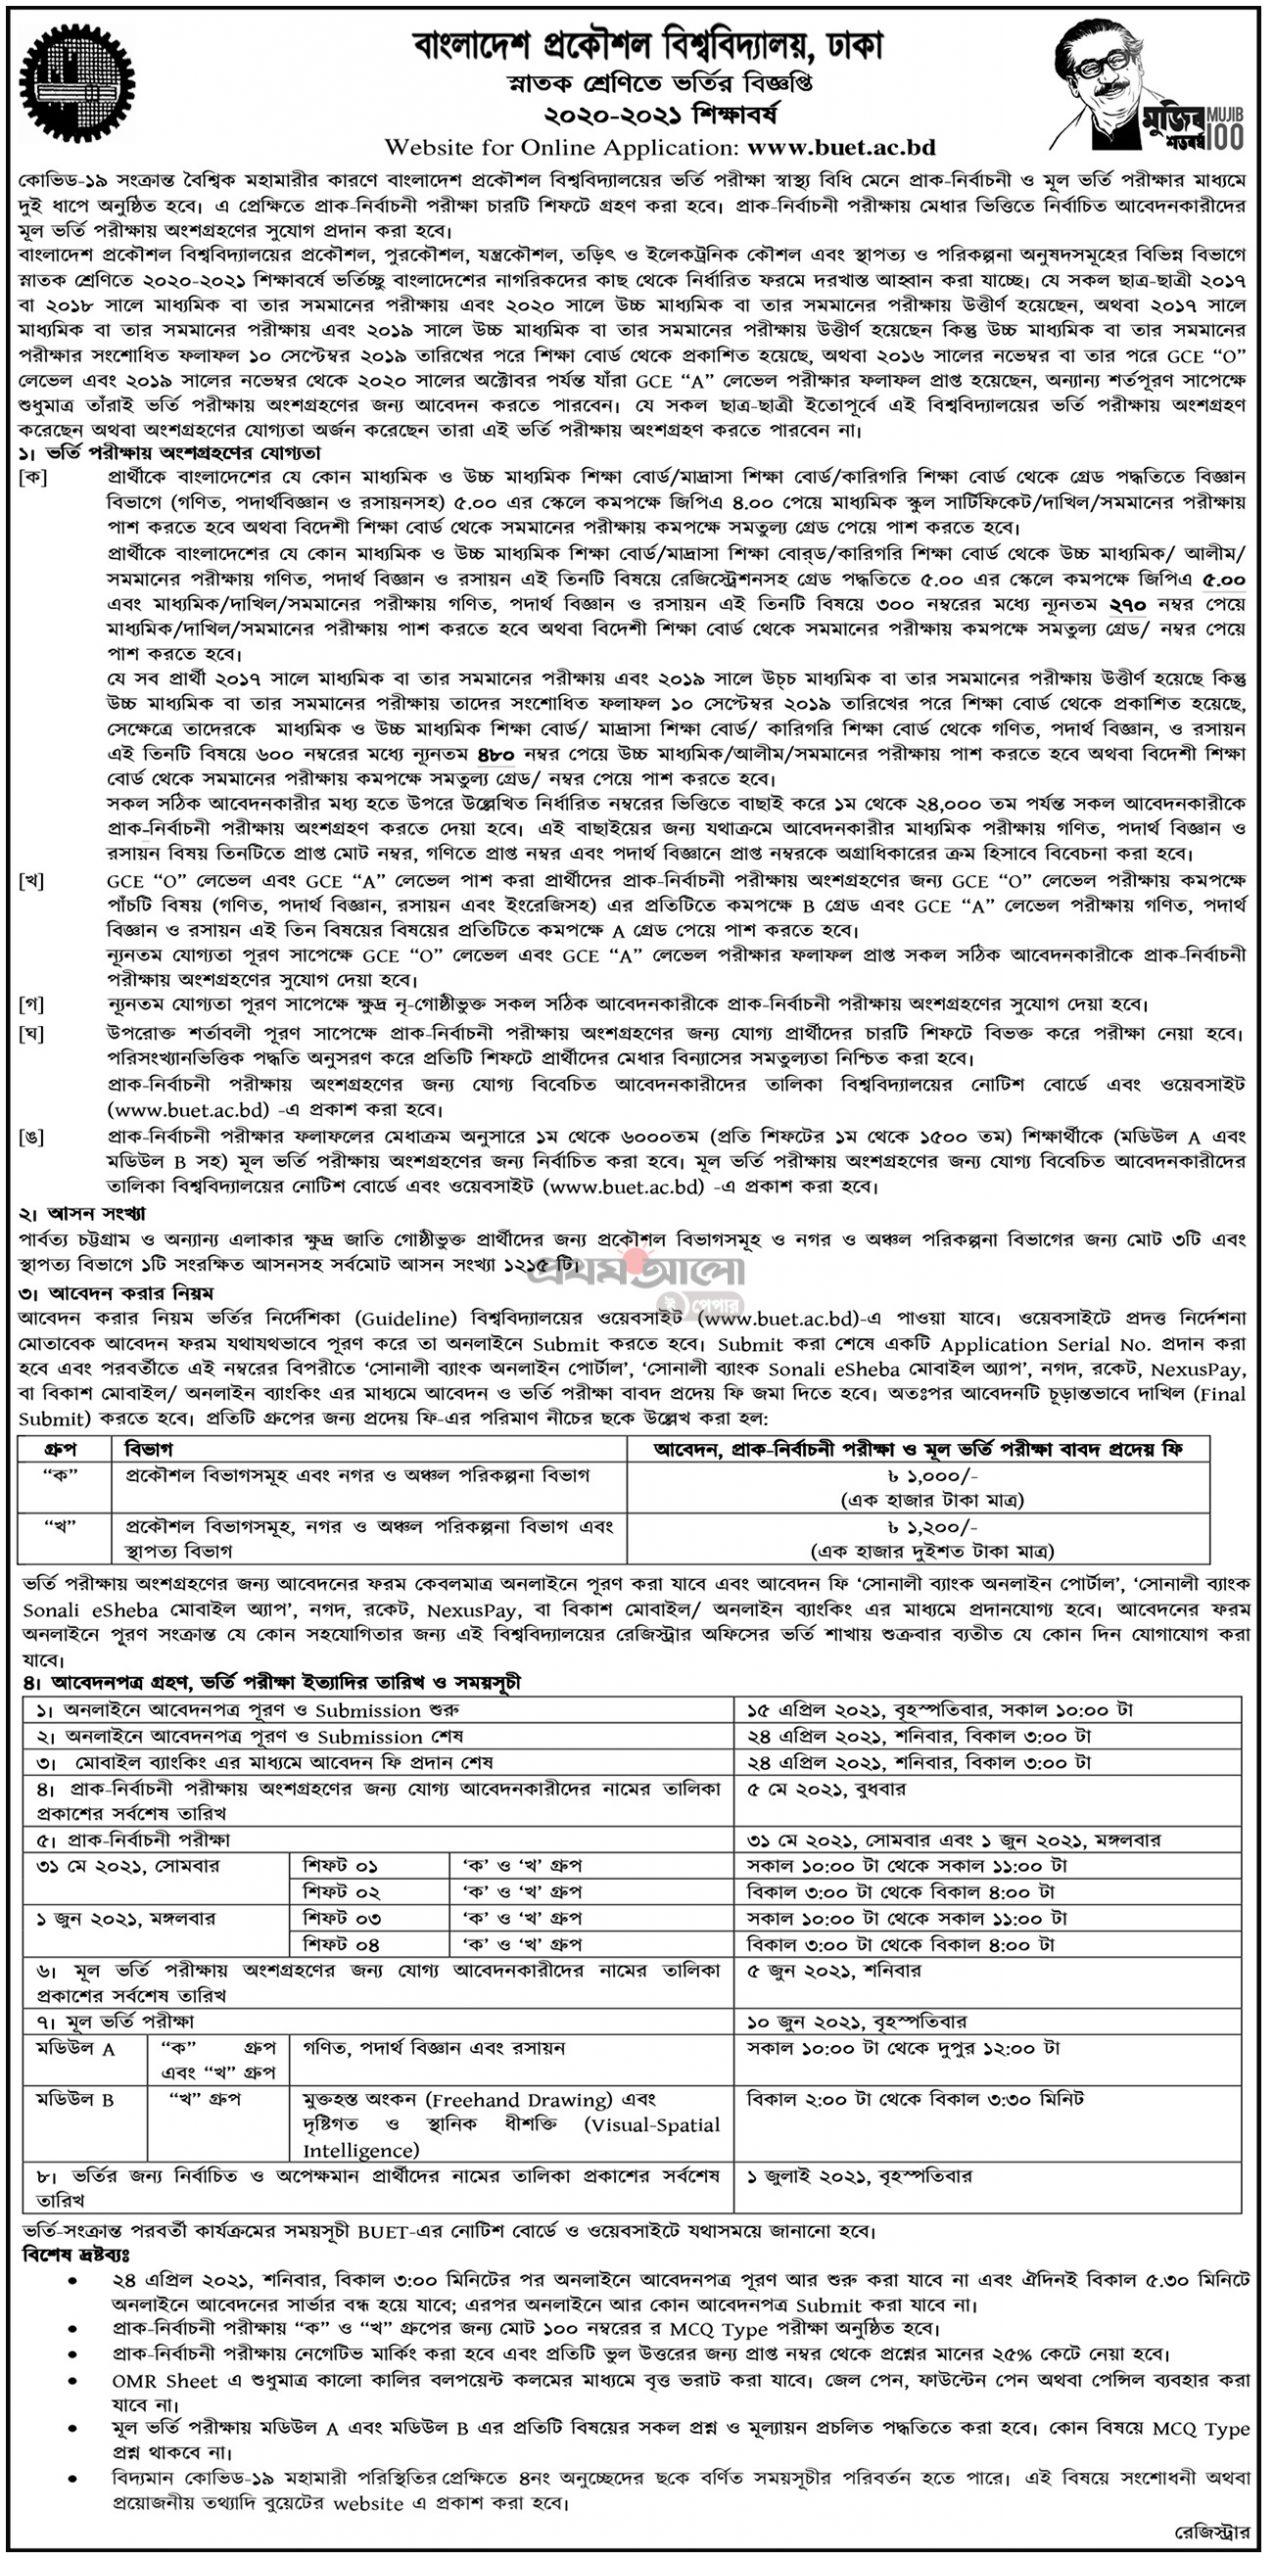 বুয়েট ভর্তি পরীক্ষার যোগ্যতা ২০২০-২০২১ ও ভর্তি বিজ্ঞপ্তি - BUET Admission Circular 2021